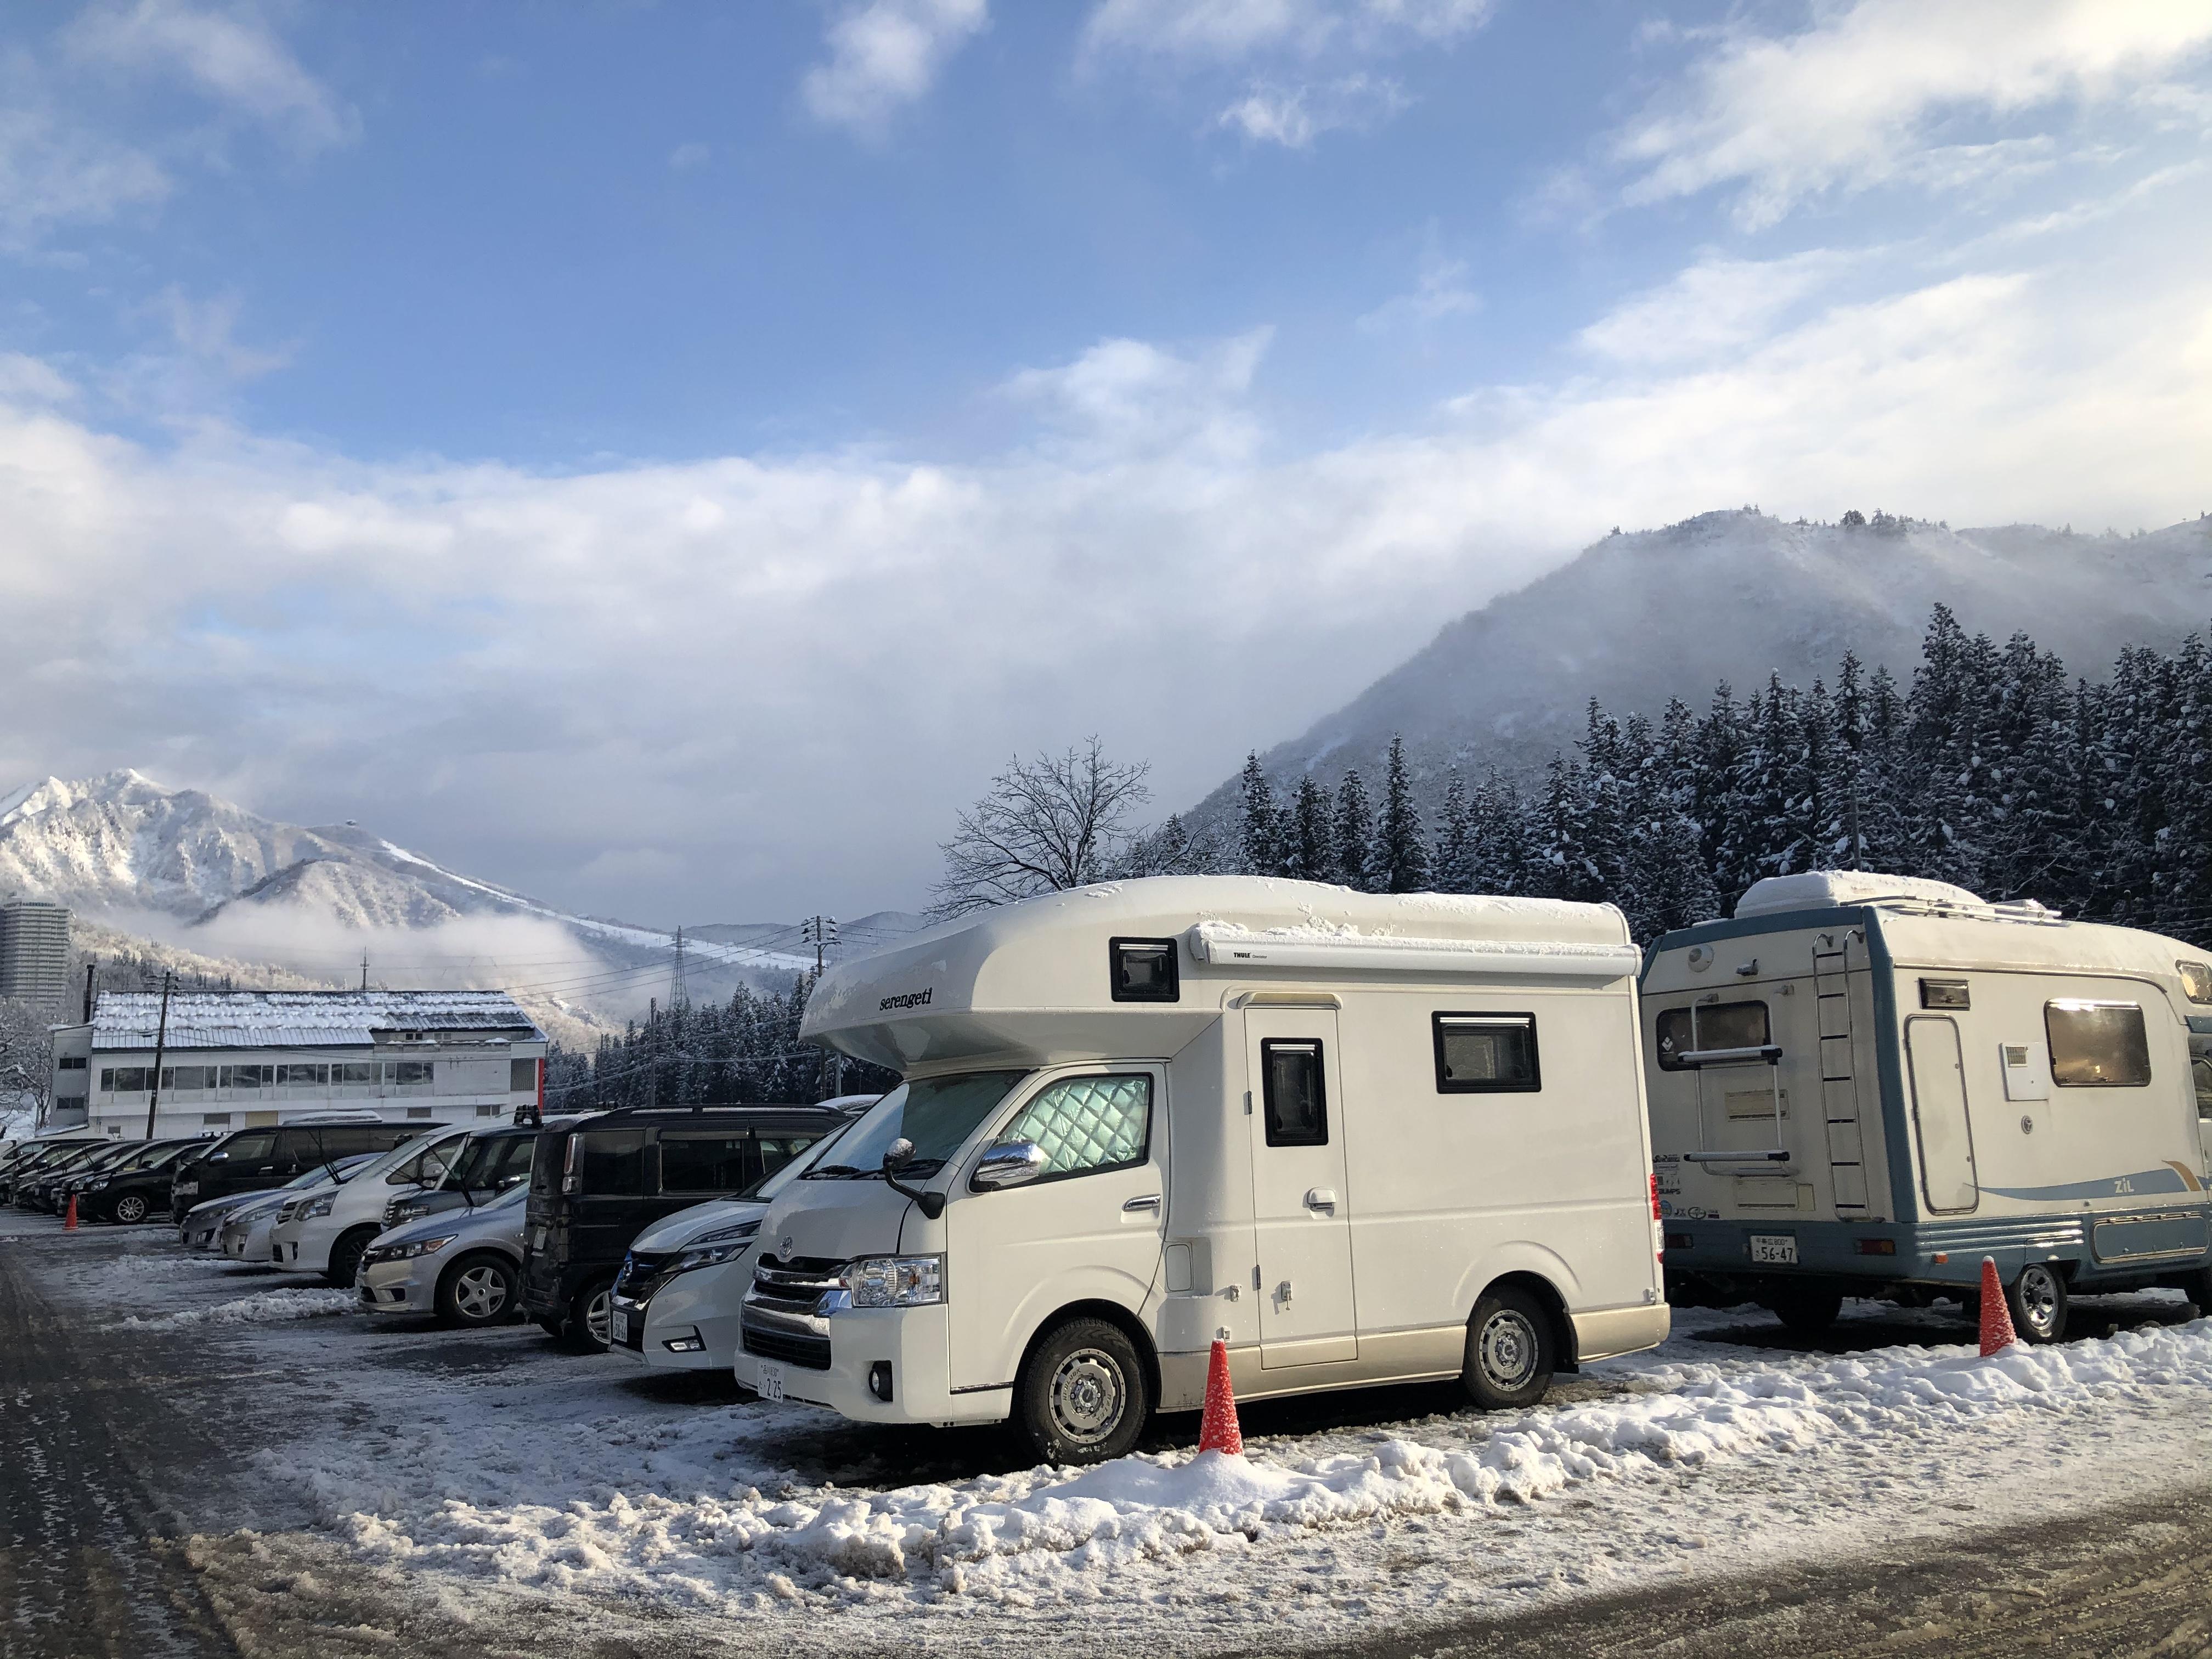 冬シーズンはスキー場で車中泊して朝イチで1stトラック思う存分楽しんでください‼️(新潟・神立スノーリゾート)